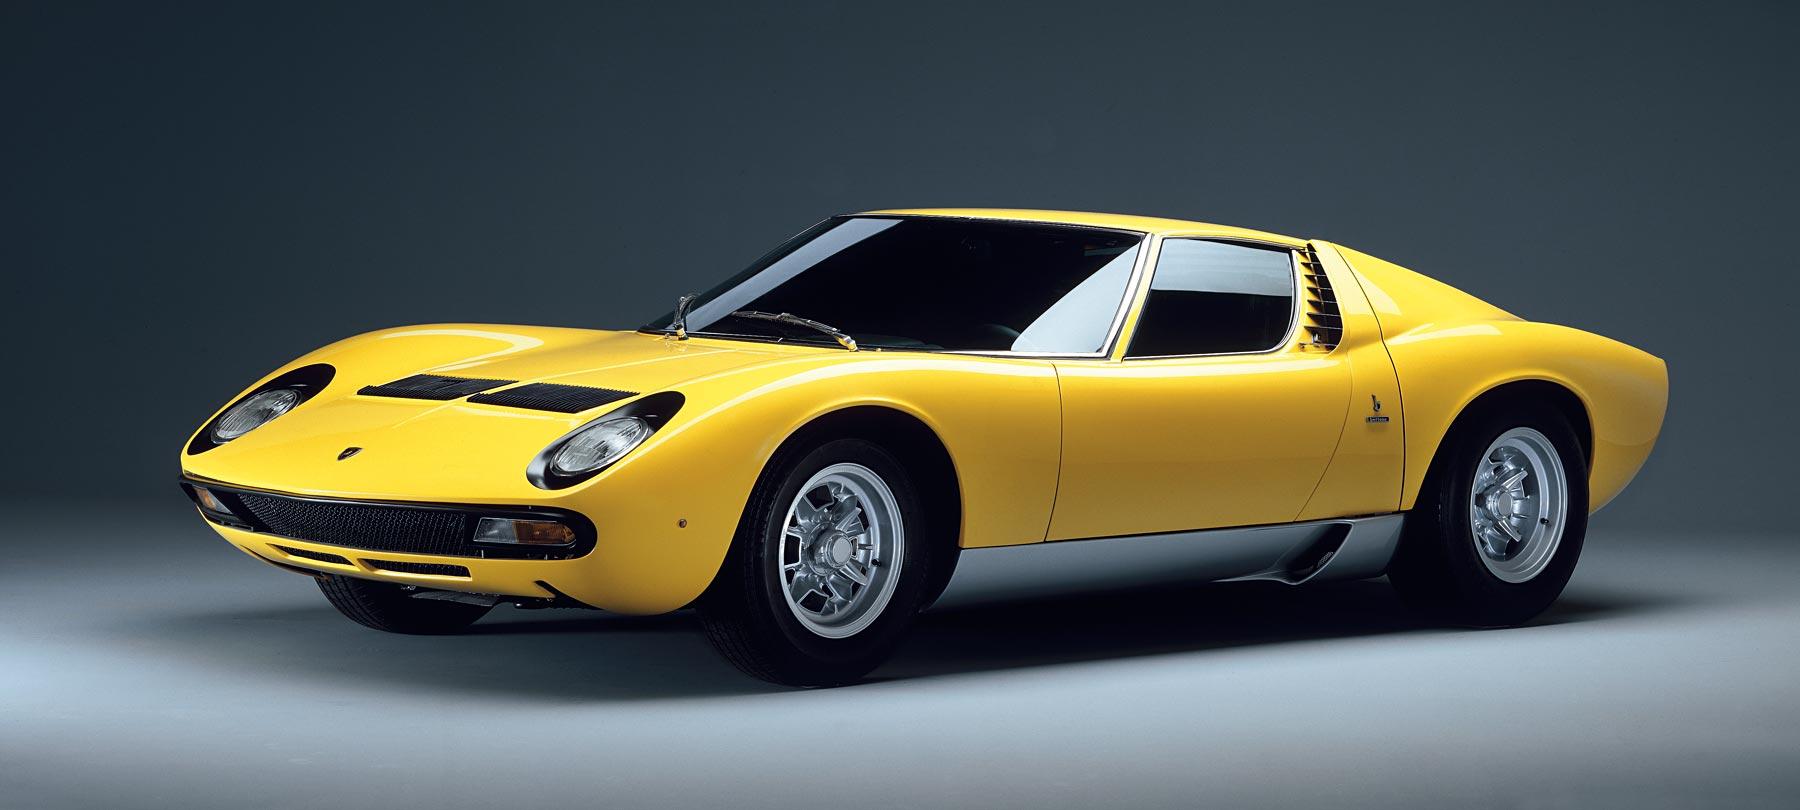 Lamborghini Miura 1996